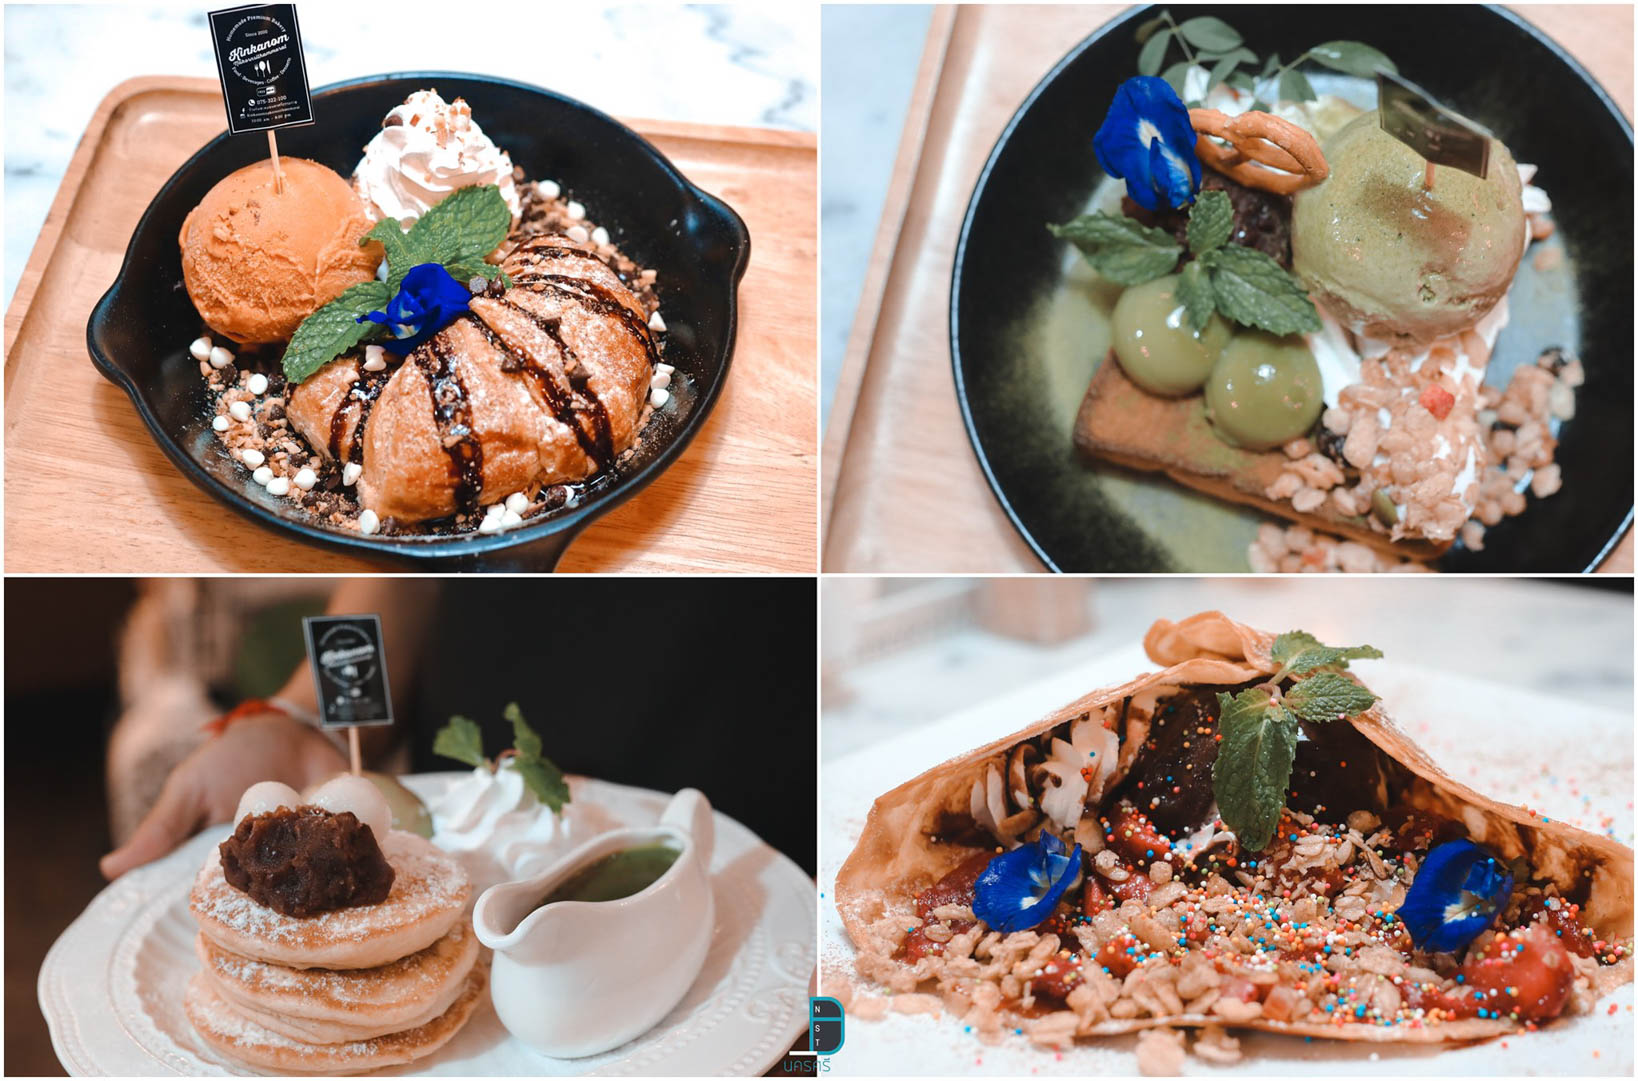 5.-กินขะหนม-นครศรีธรรมราช คลิกที่นี่ คาเฟ่,Cafe,นครศรีธรรมราช,2020,2563,ของกิน,จุดเช็คอิน,จุดถ่ายรูป